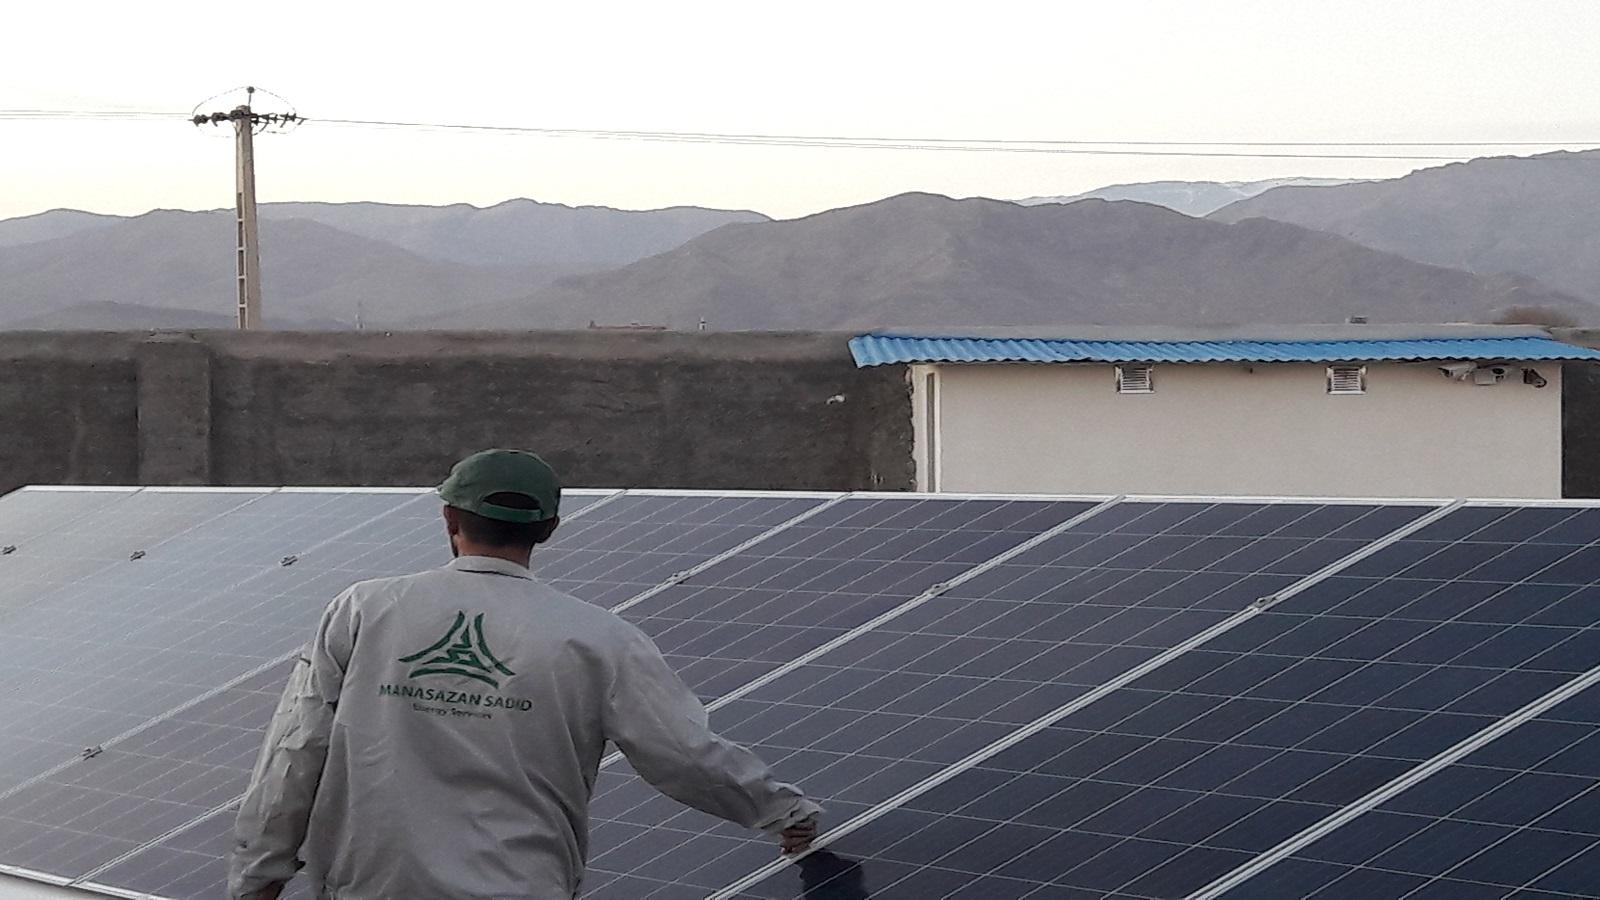 کم توجهی به تولید پنل های خورشیدی و انرژی پاک